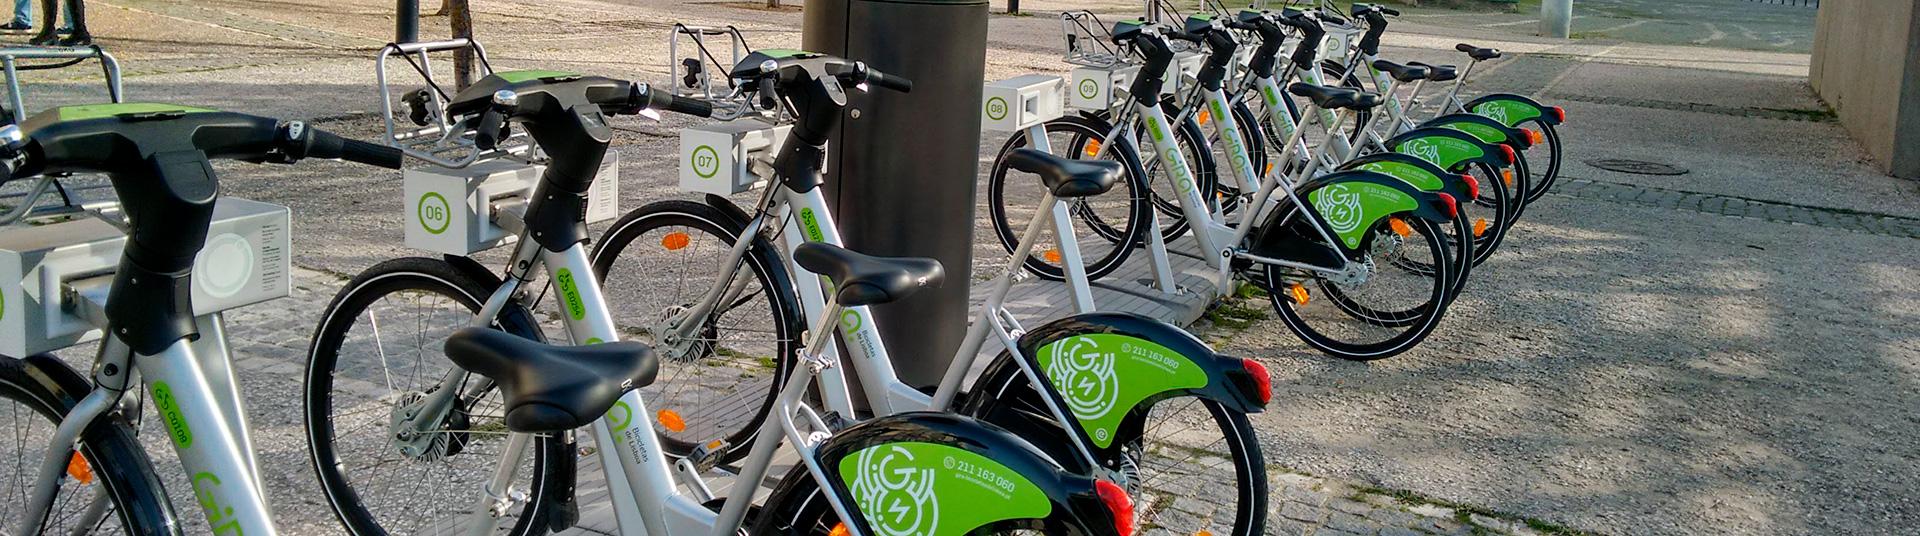 bicicletas gira_1920